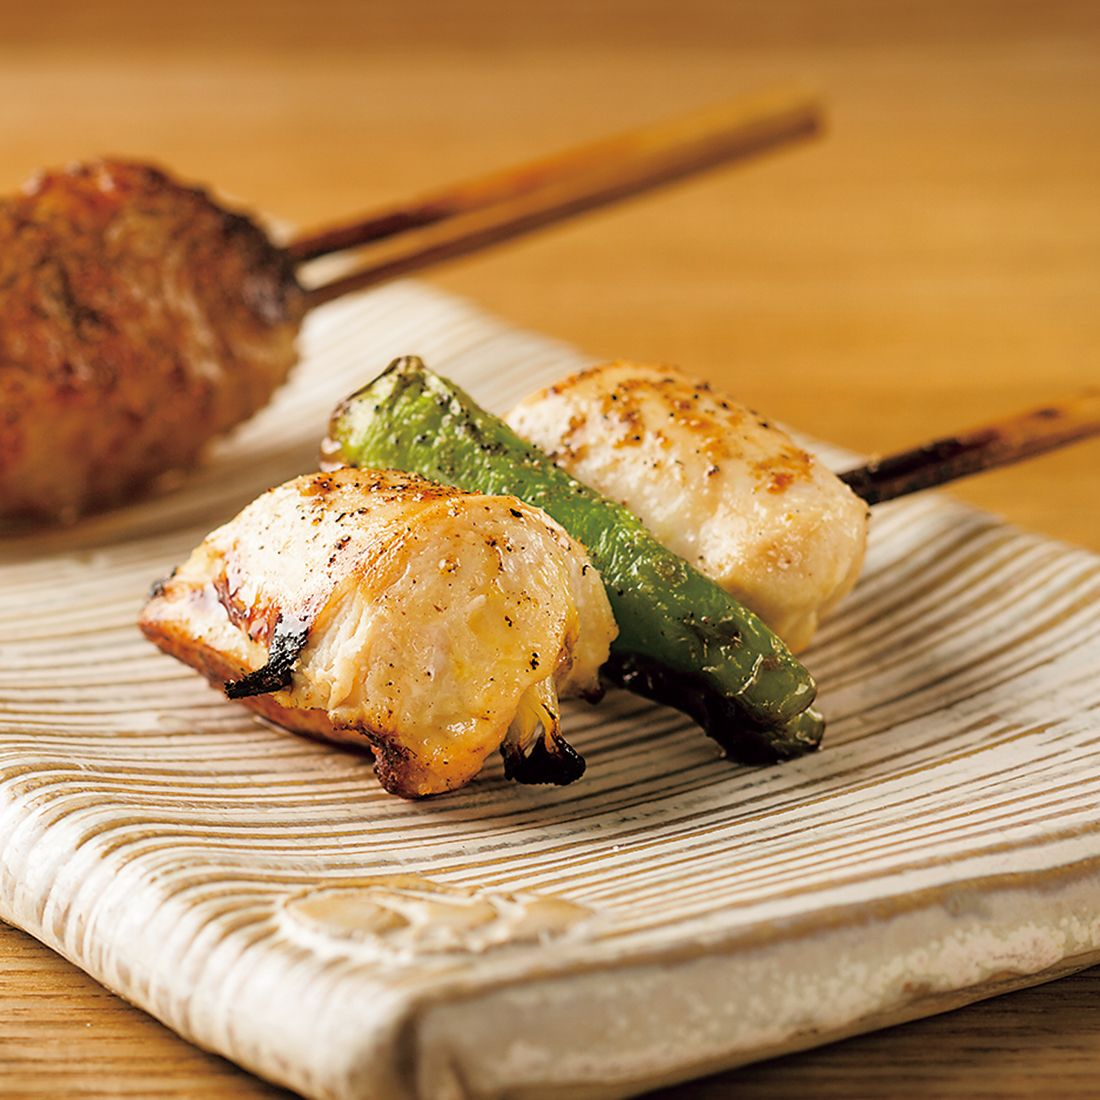 焼き鳥は最初におまかせ5本(¥1,500)をオーダーし、追加で注文するシステム。